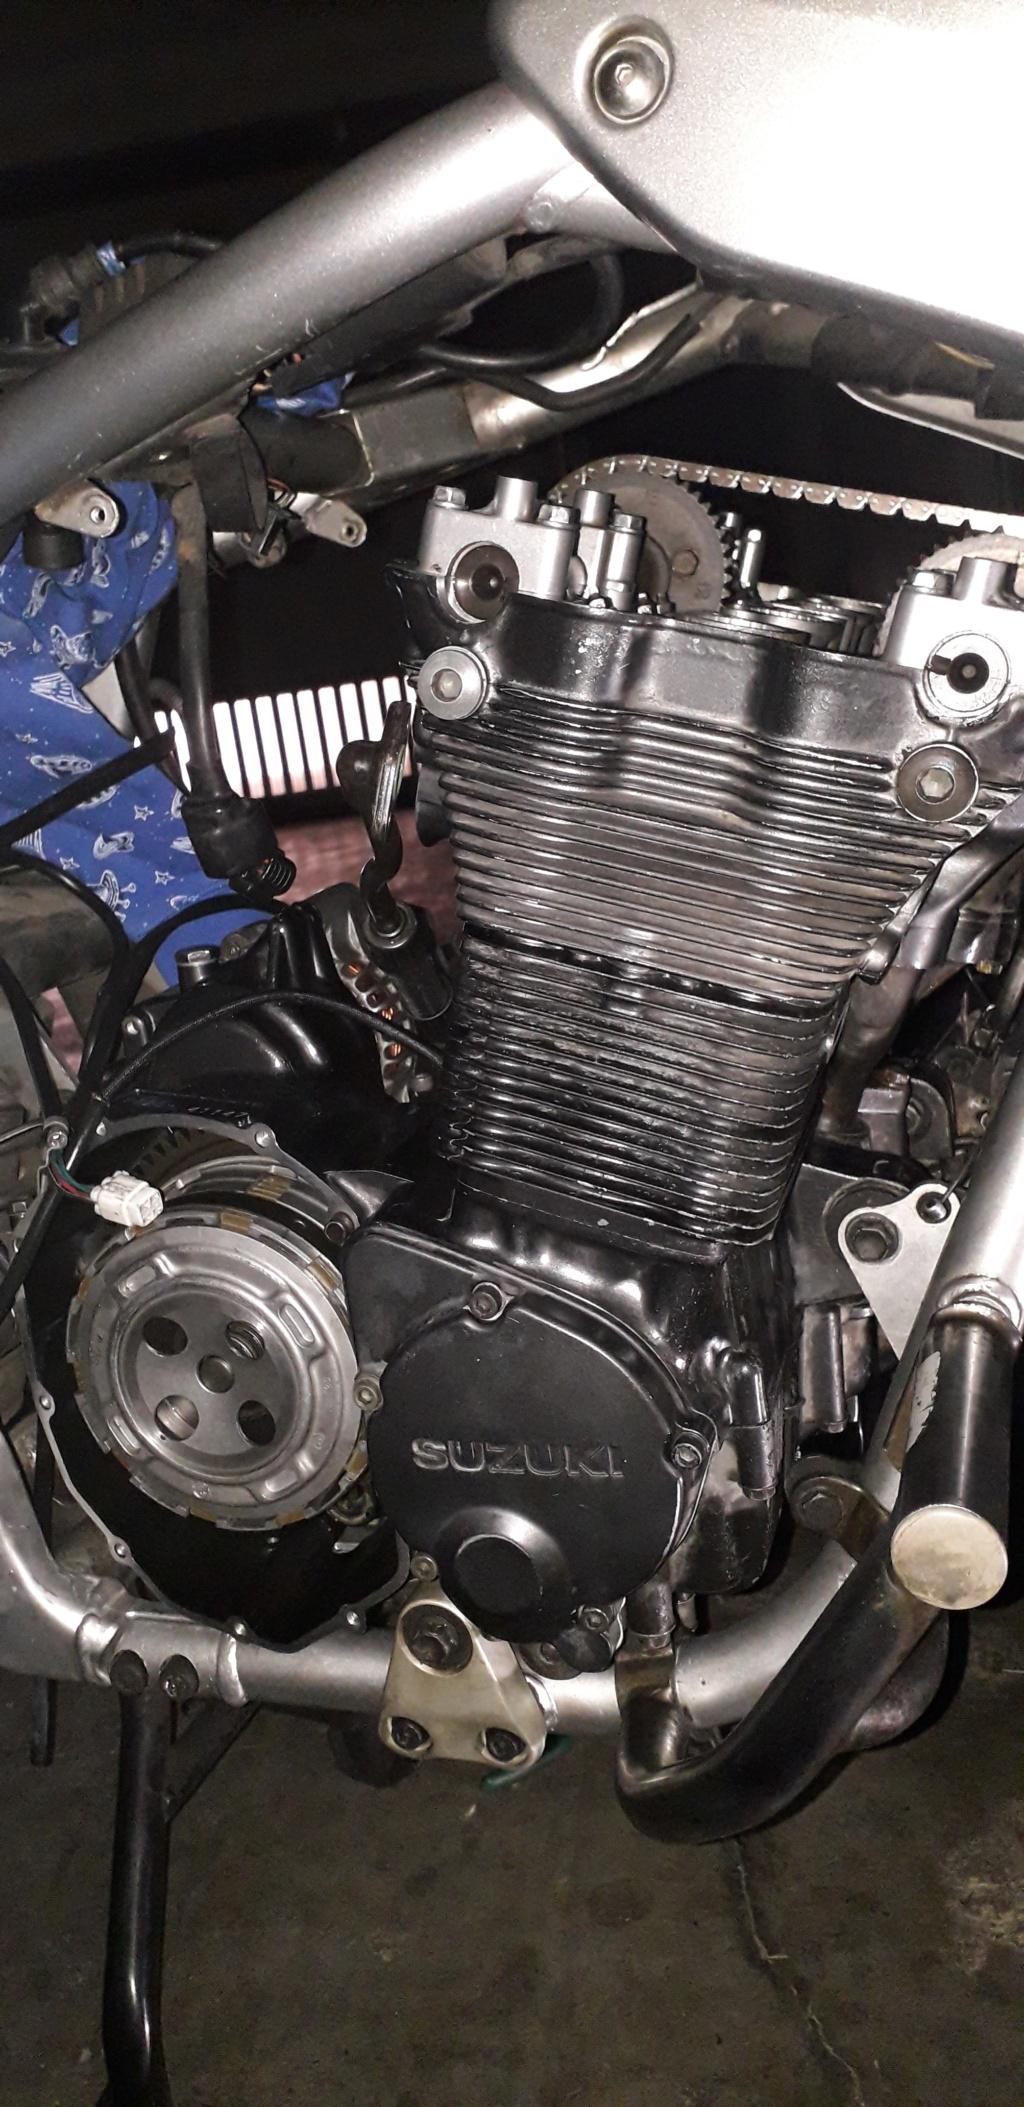 Démontage complet moteur Bandit 1200 20190418